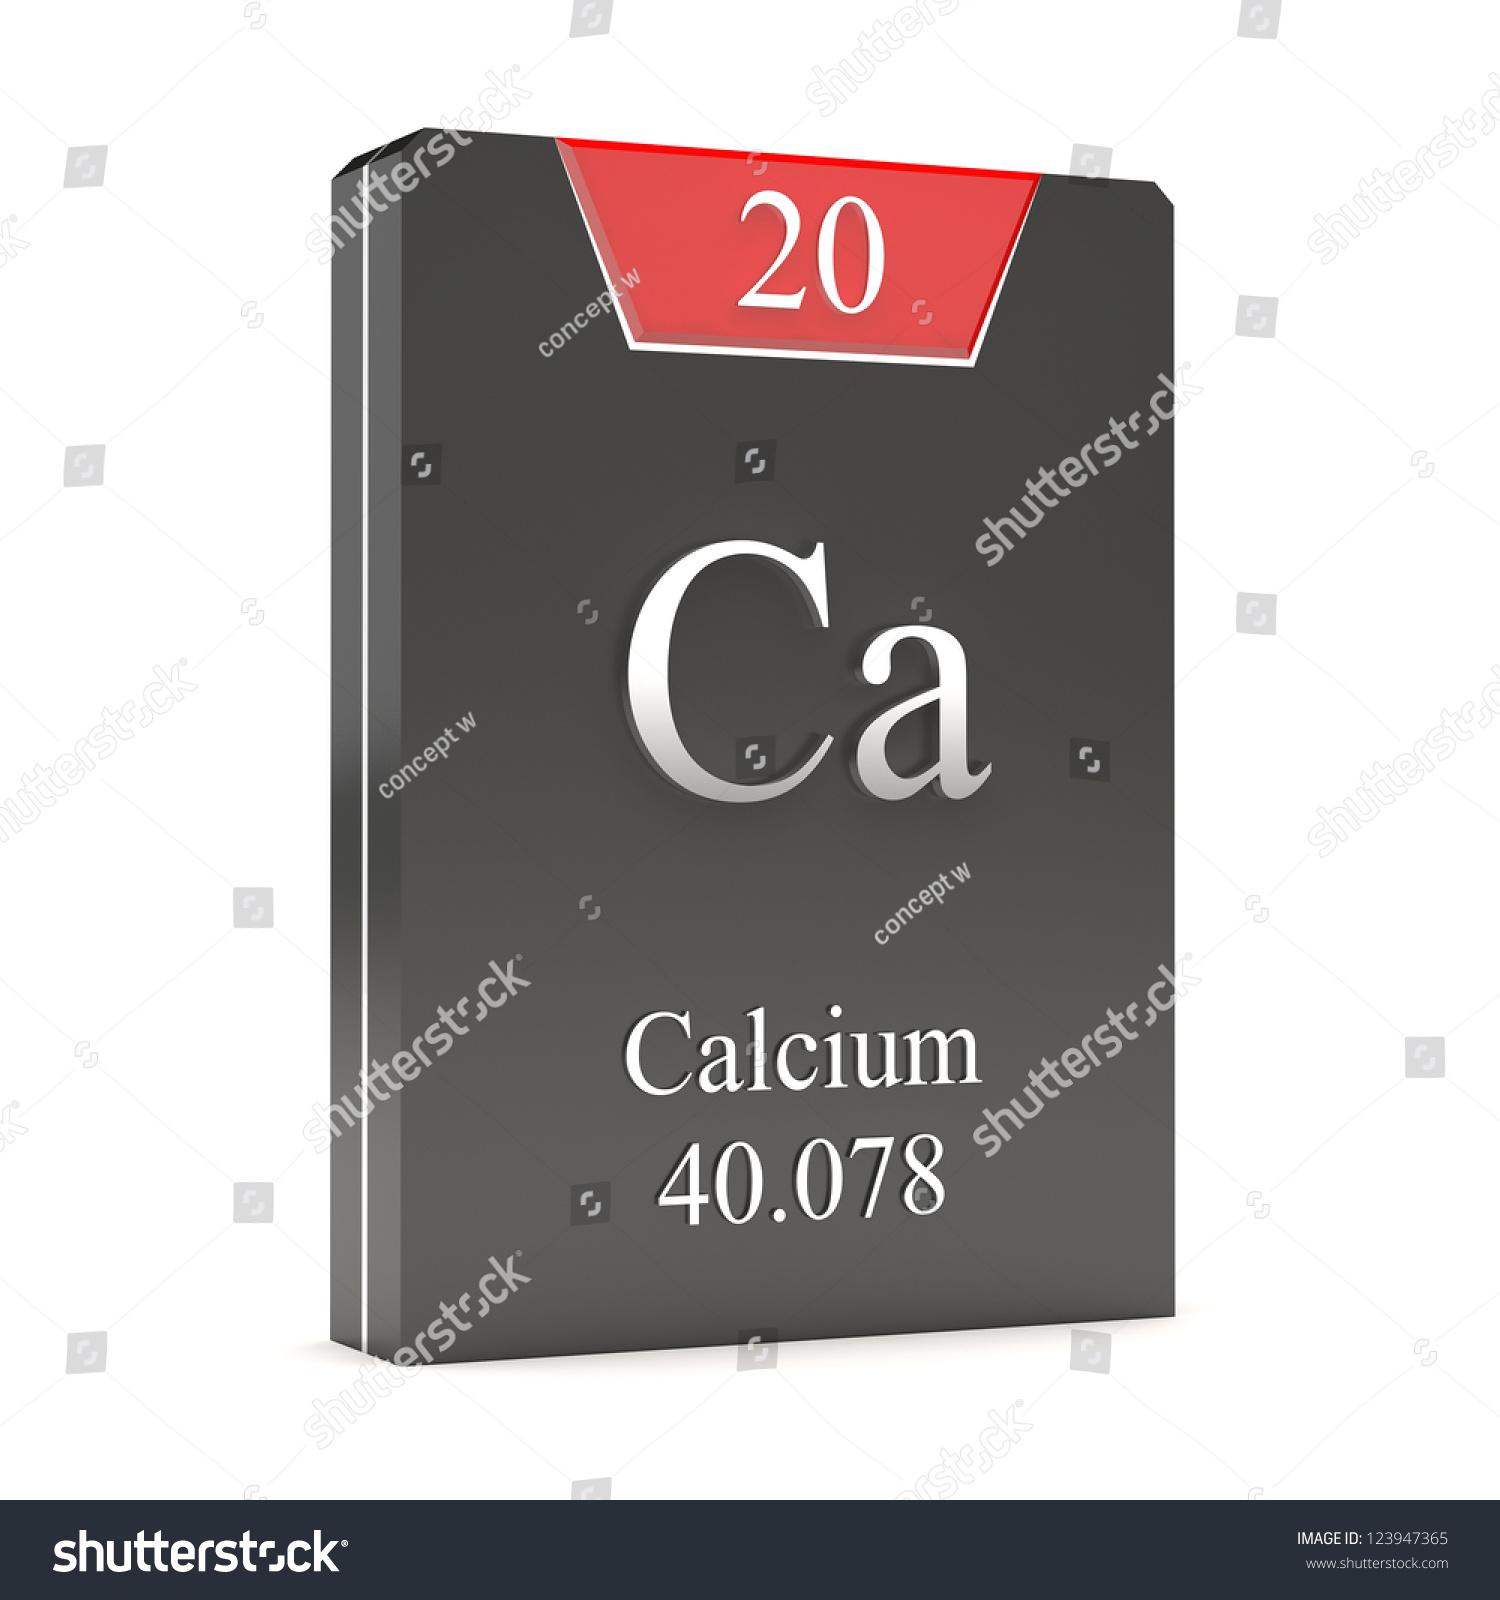 Periodic table for calcium gallery periodic table images calcium ca 20 periodic table stock illustration 123947365 calcium ca 20 from periodic table gamestrikefo gallery gamestrikefo Images